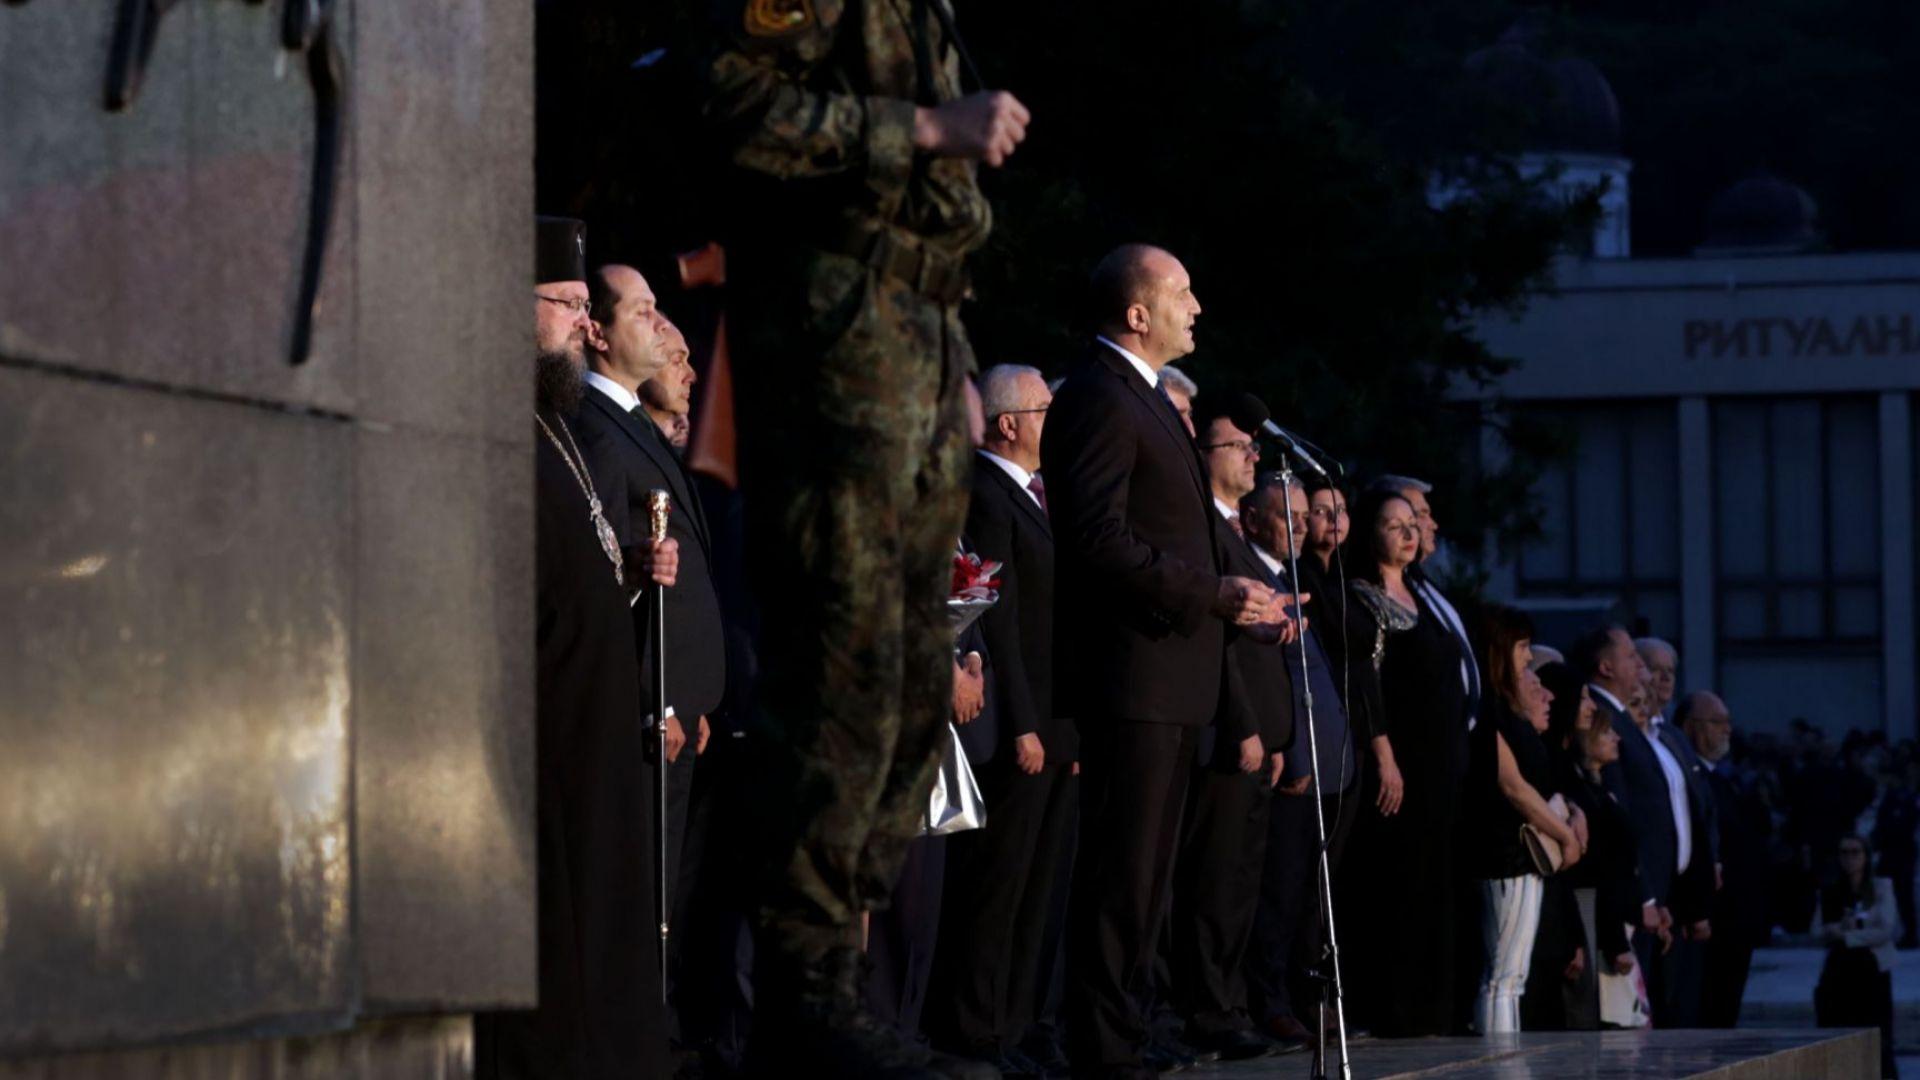 Румен Радев по случай 143 години от подвига на Ботевата чета: Свободата не е традиция, а често и саможертва